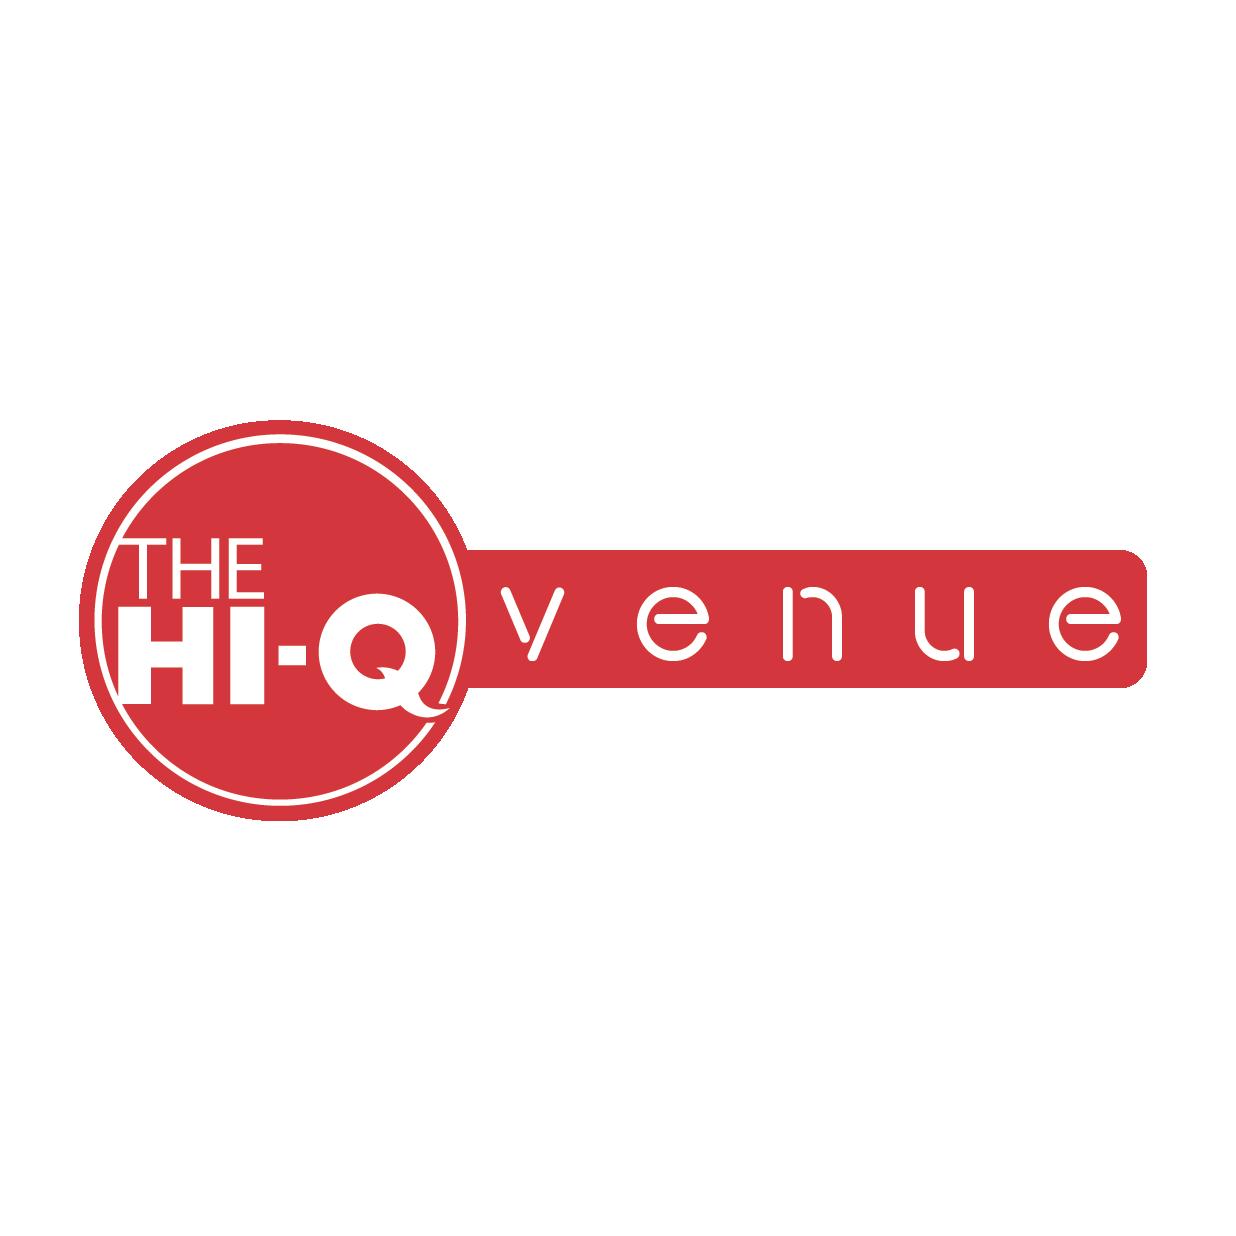 HiQ-Venue-sitelogo